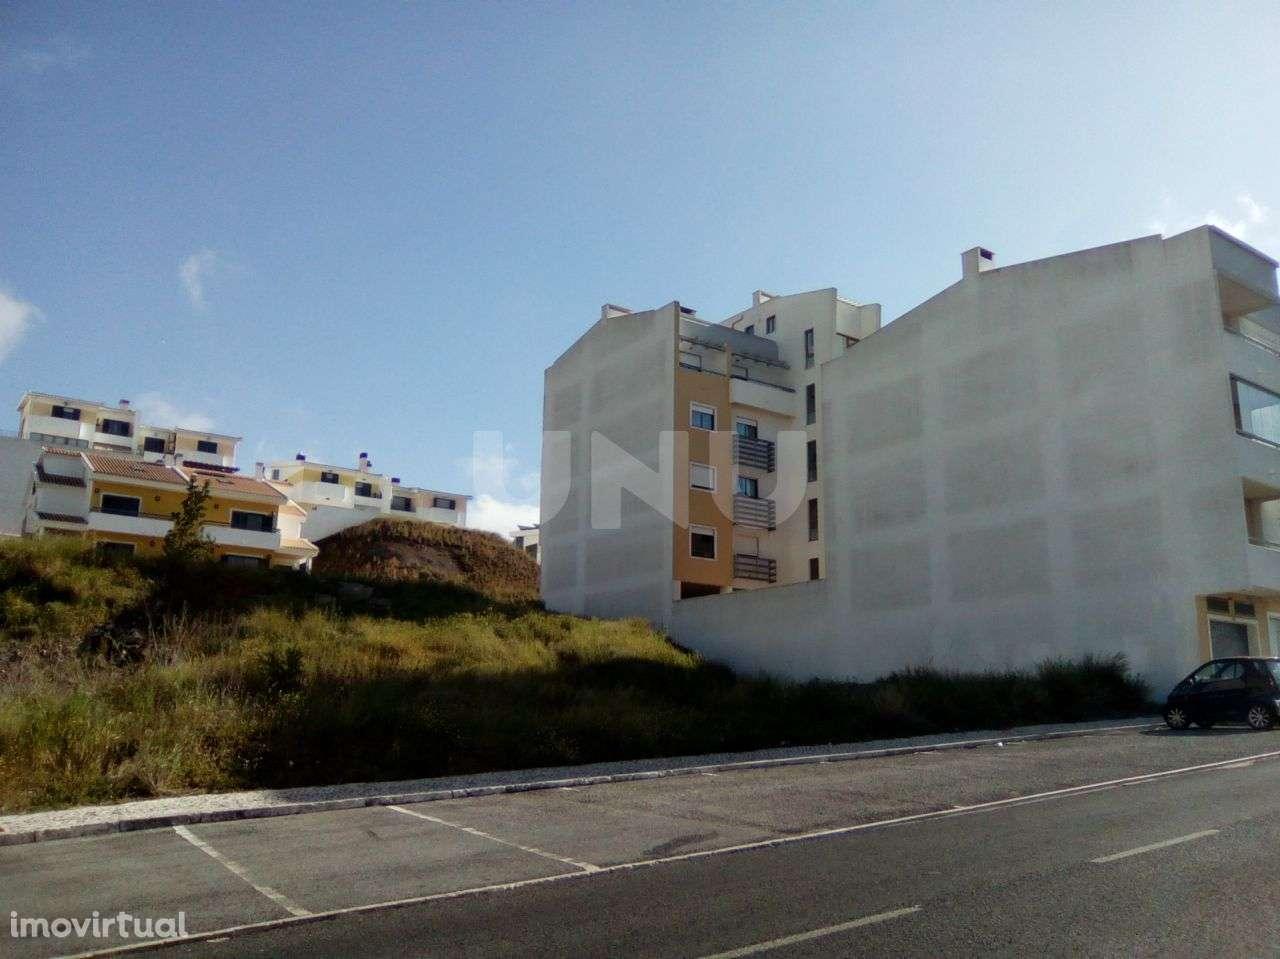 Terreno para comprar, Mina de Água, Lisboa - Foto 1